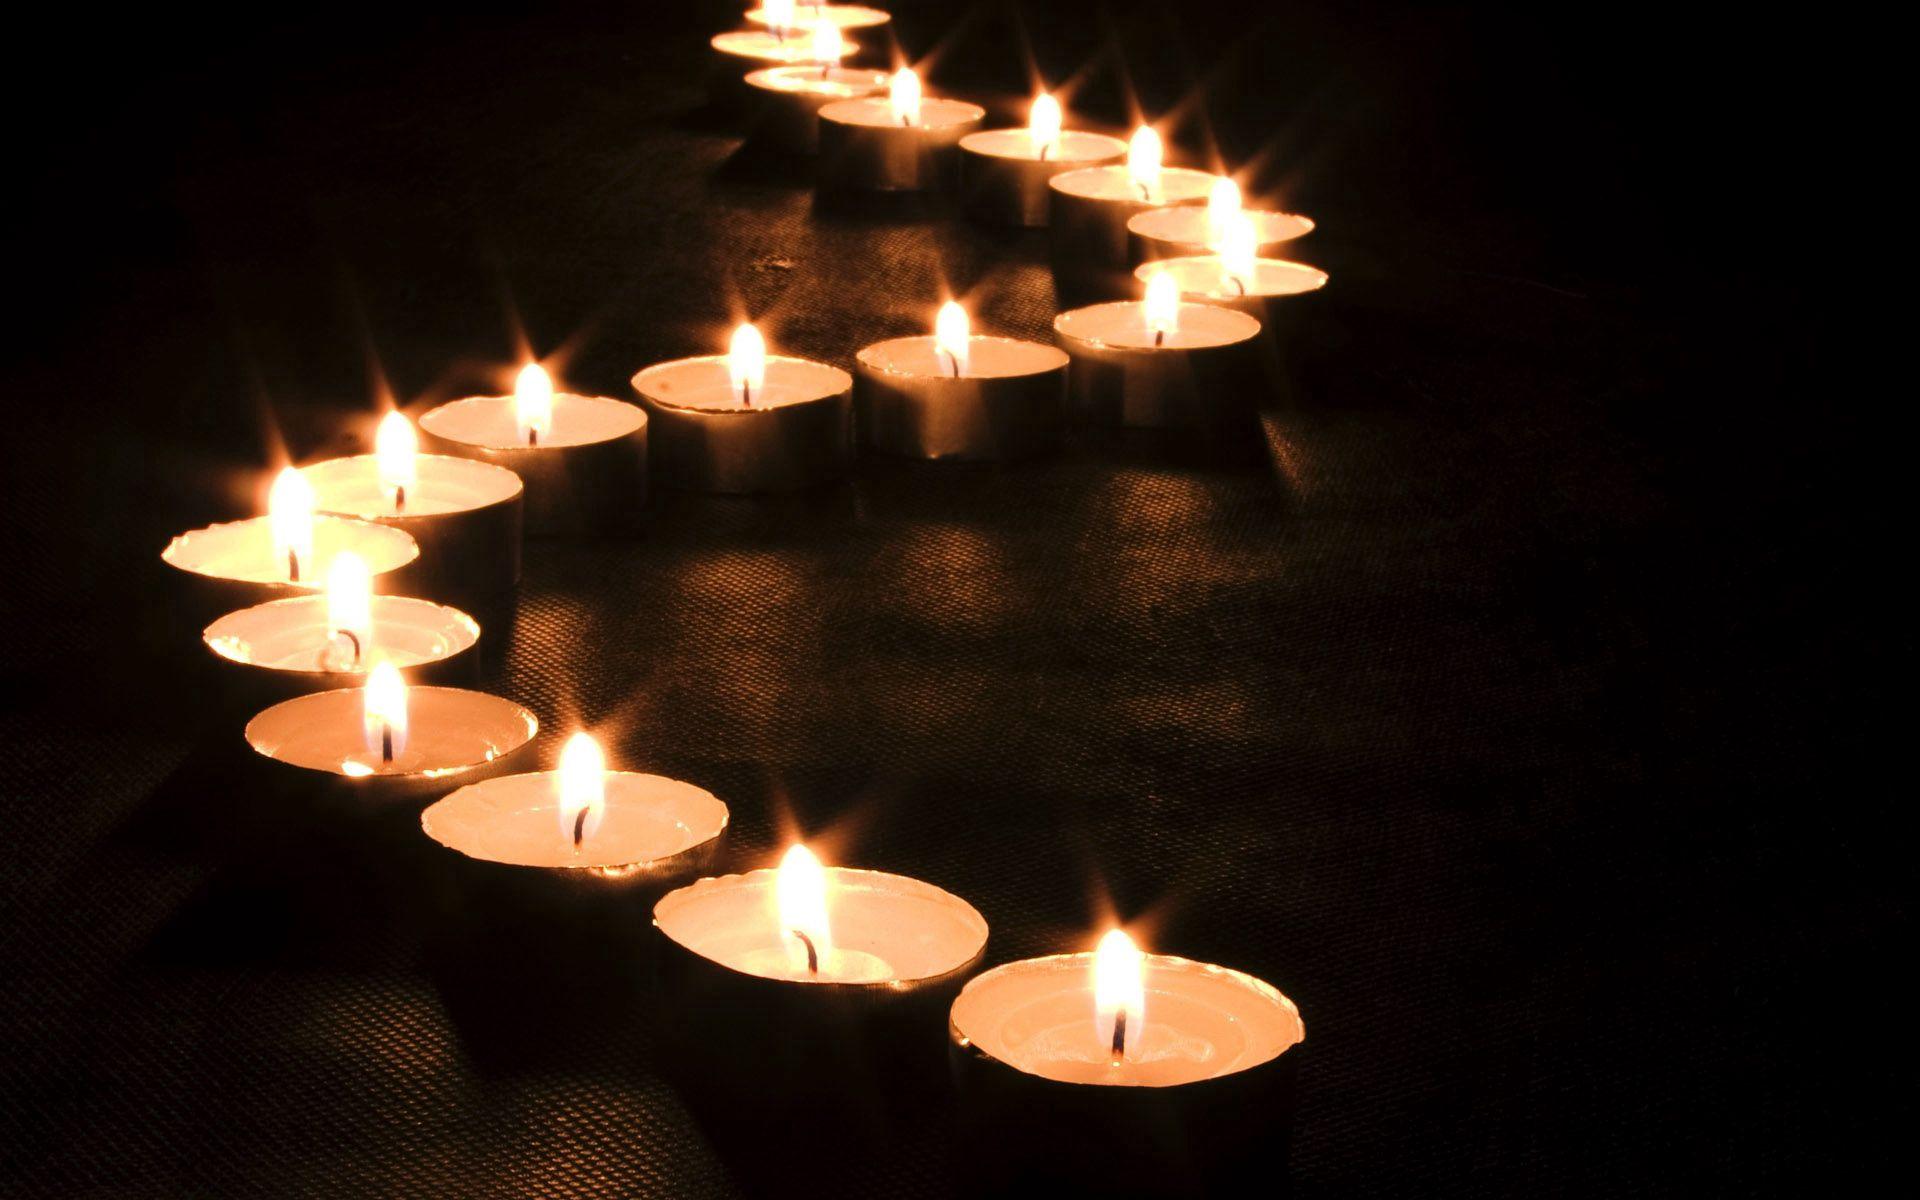 152462 Hintergrundbild herunterladen Kerzen, Dunkel, Scheinen, Licht, Linie, Welle - Bildschirmschoner und Bilder kostenlos